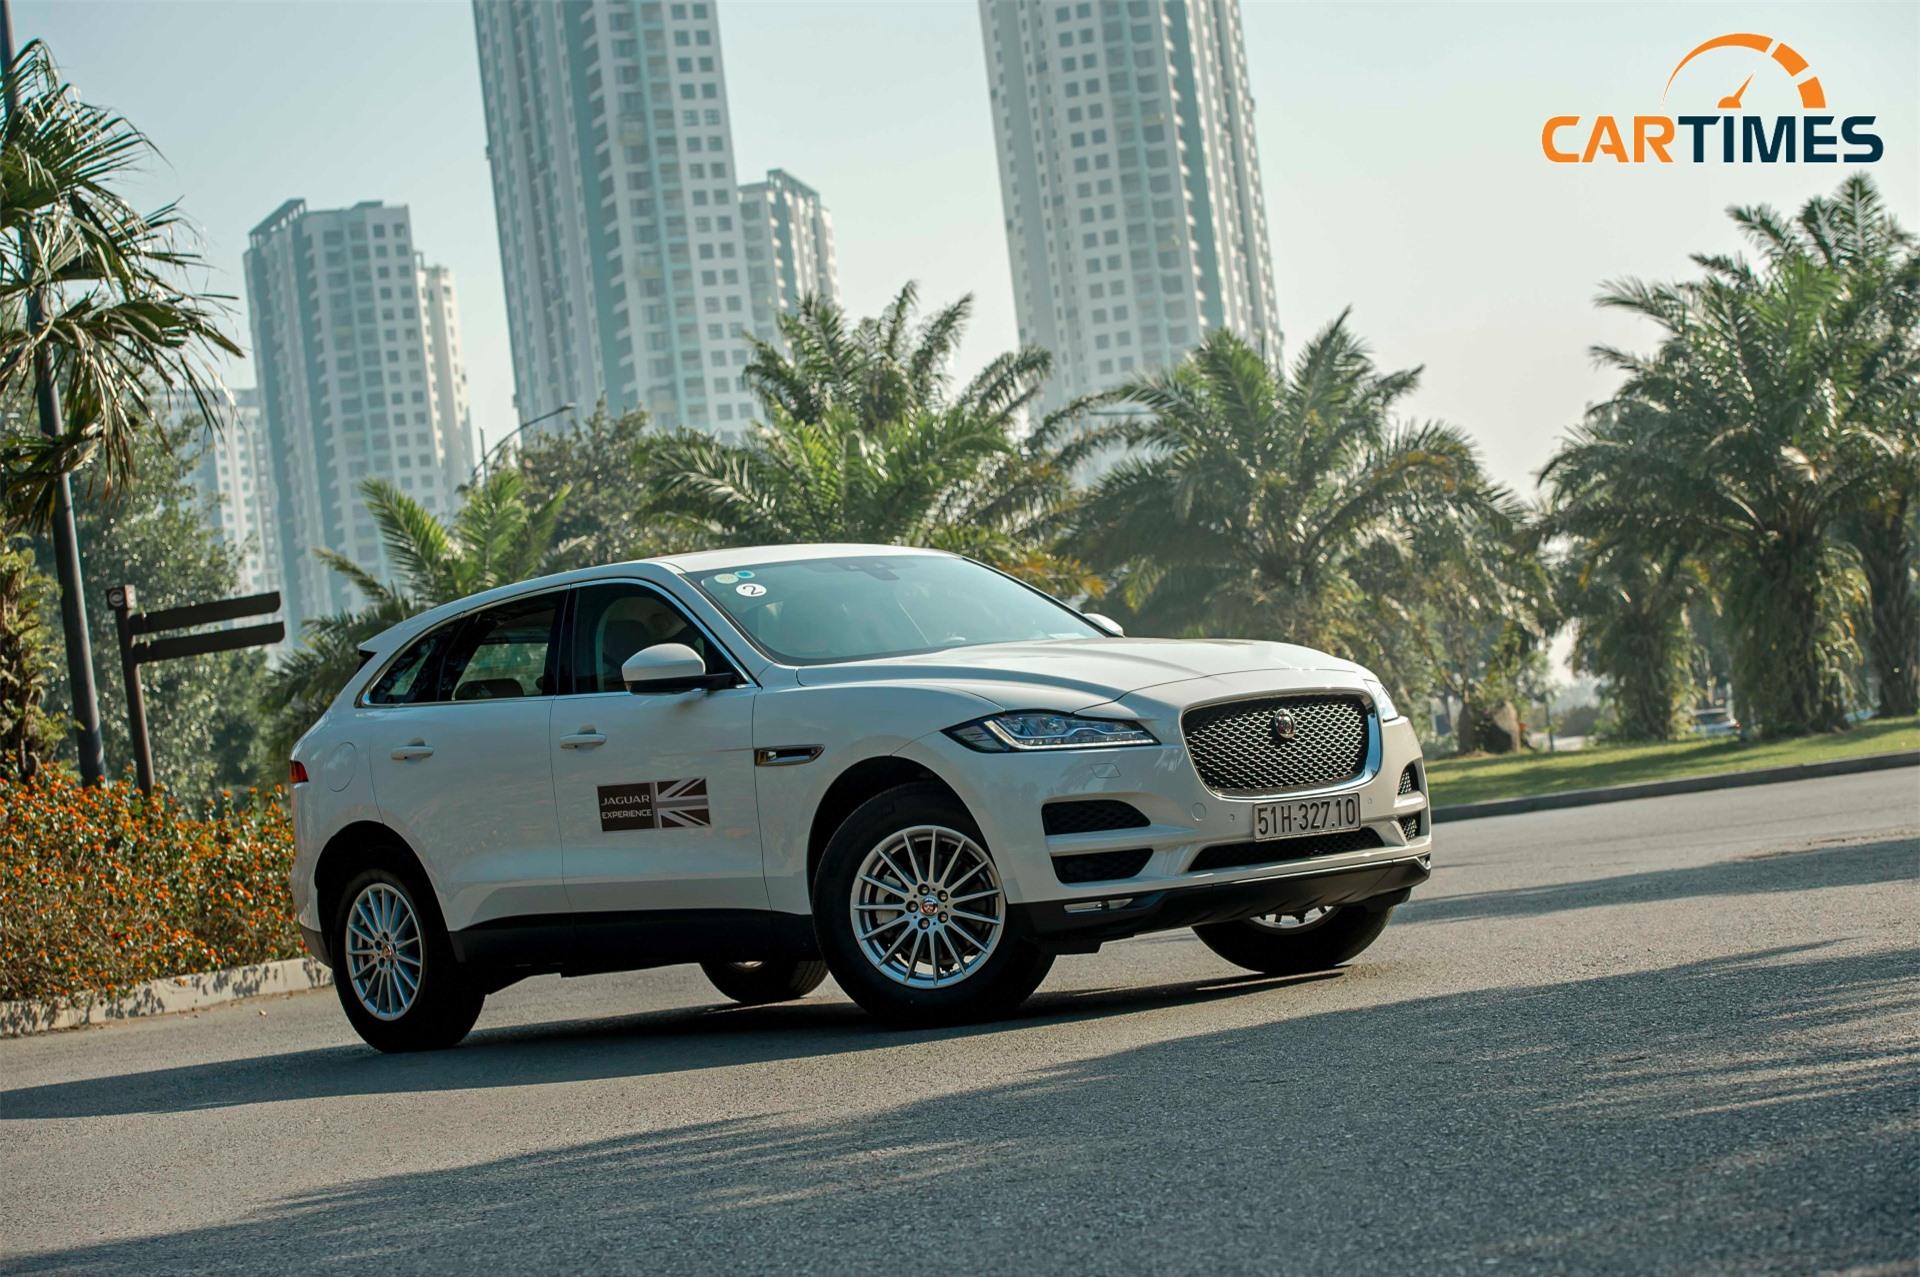 Jaguar F-Pace vừa có thể đi lại trong phố nhưng cũng phấn khích nếu có không gian đủ cho chiếc xe thể hiện